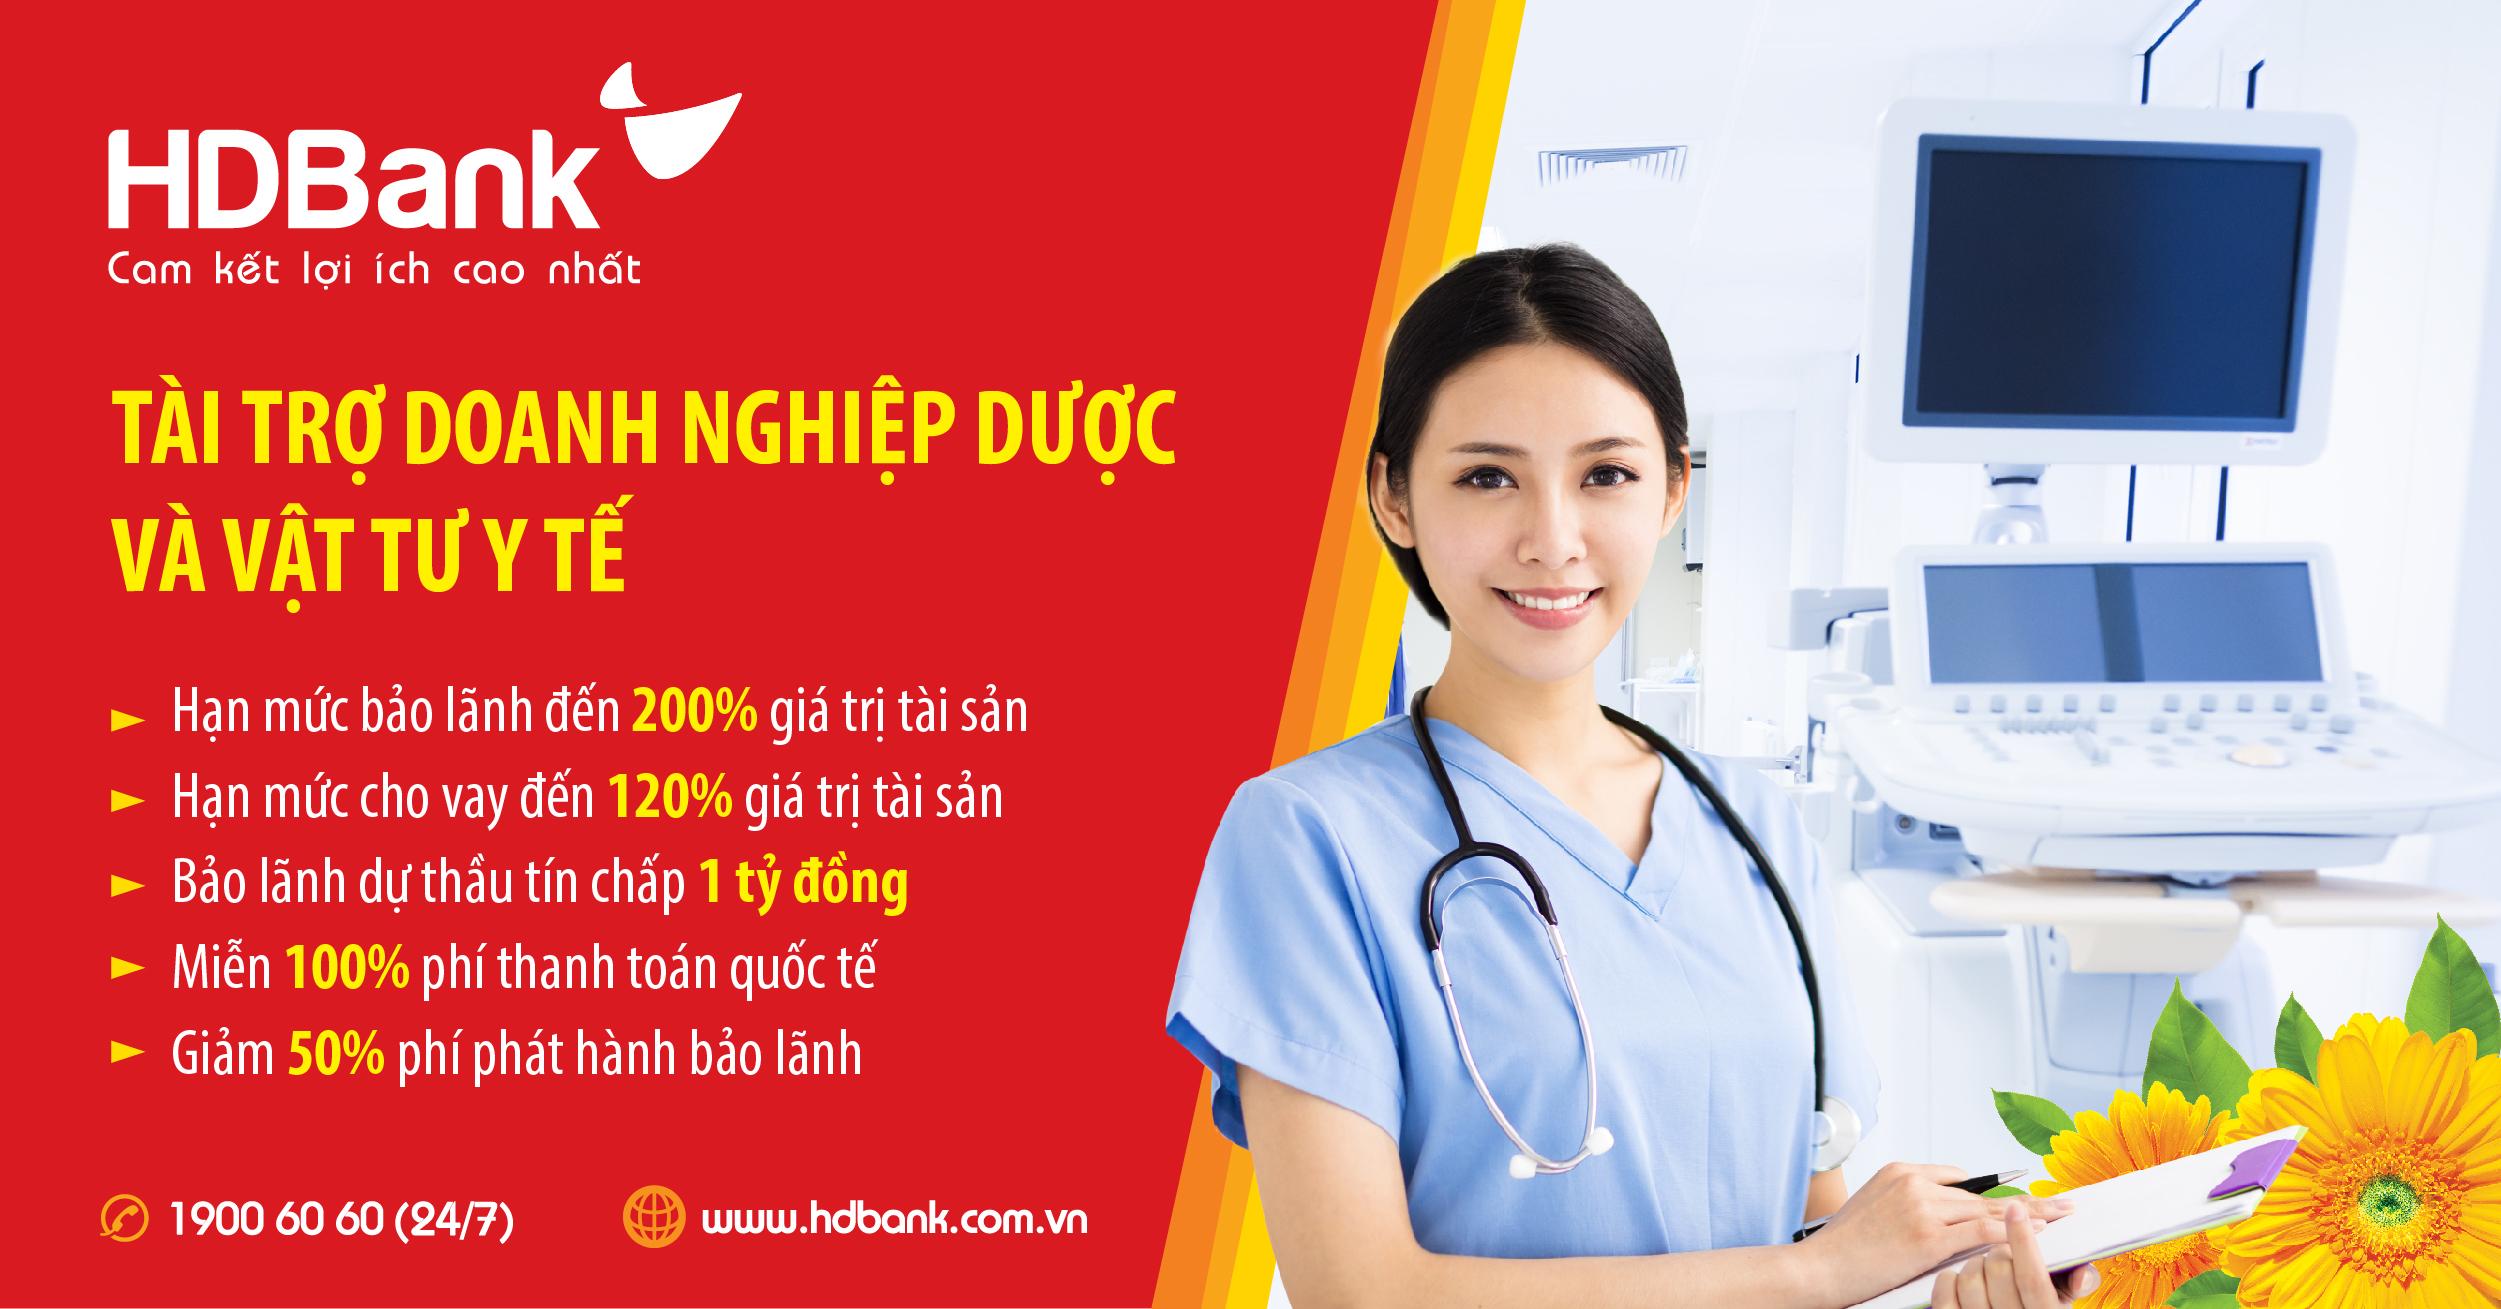 HDBank tiếp tục đẩy mạnh hỗ trợ doanh nghiệp cung cấp dược, thiết bị – vật tư y tế